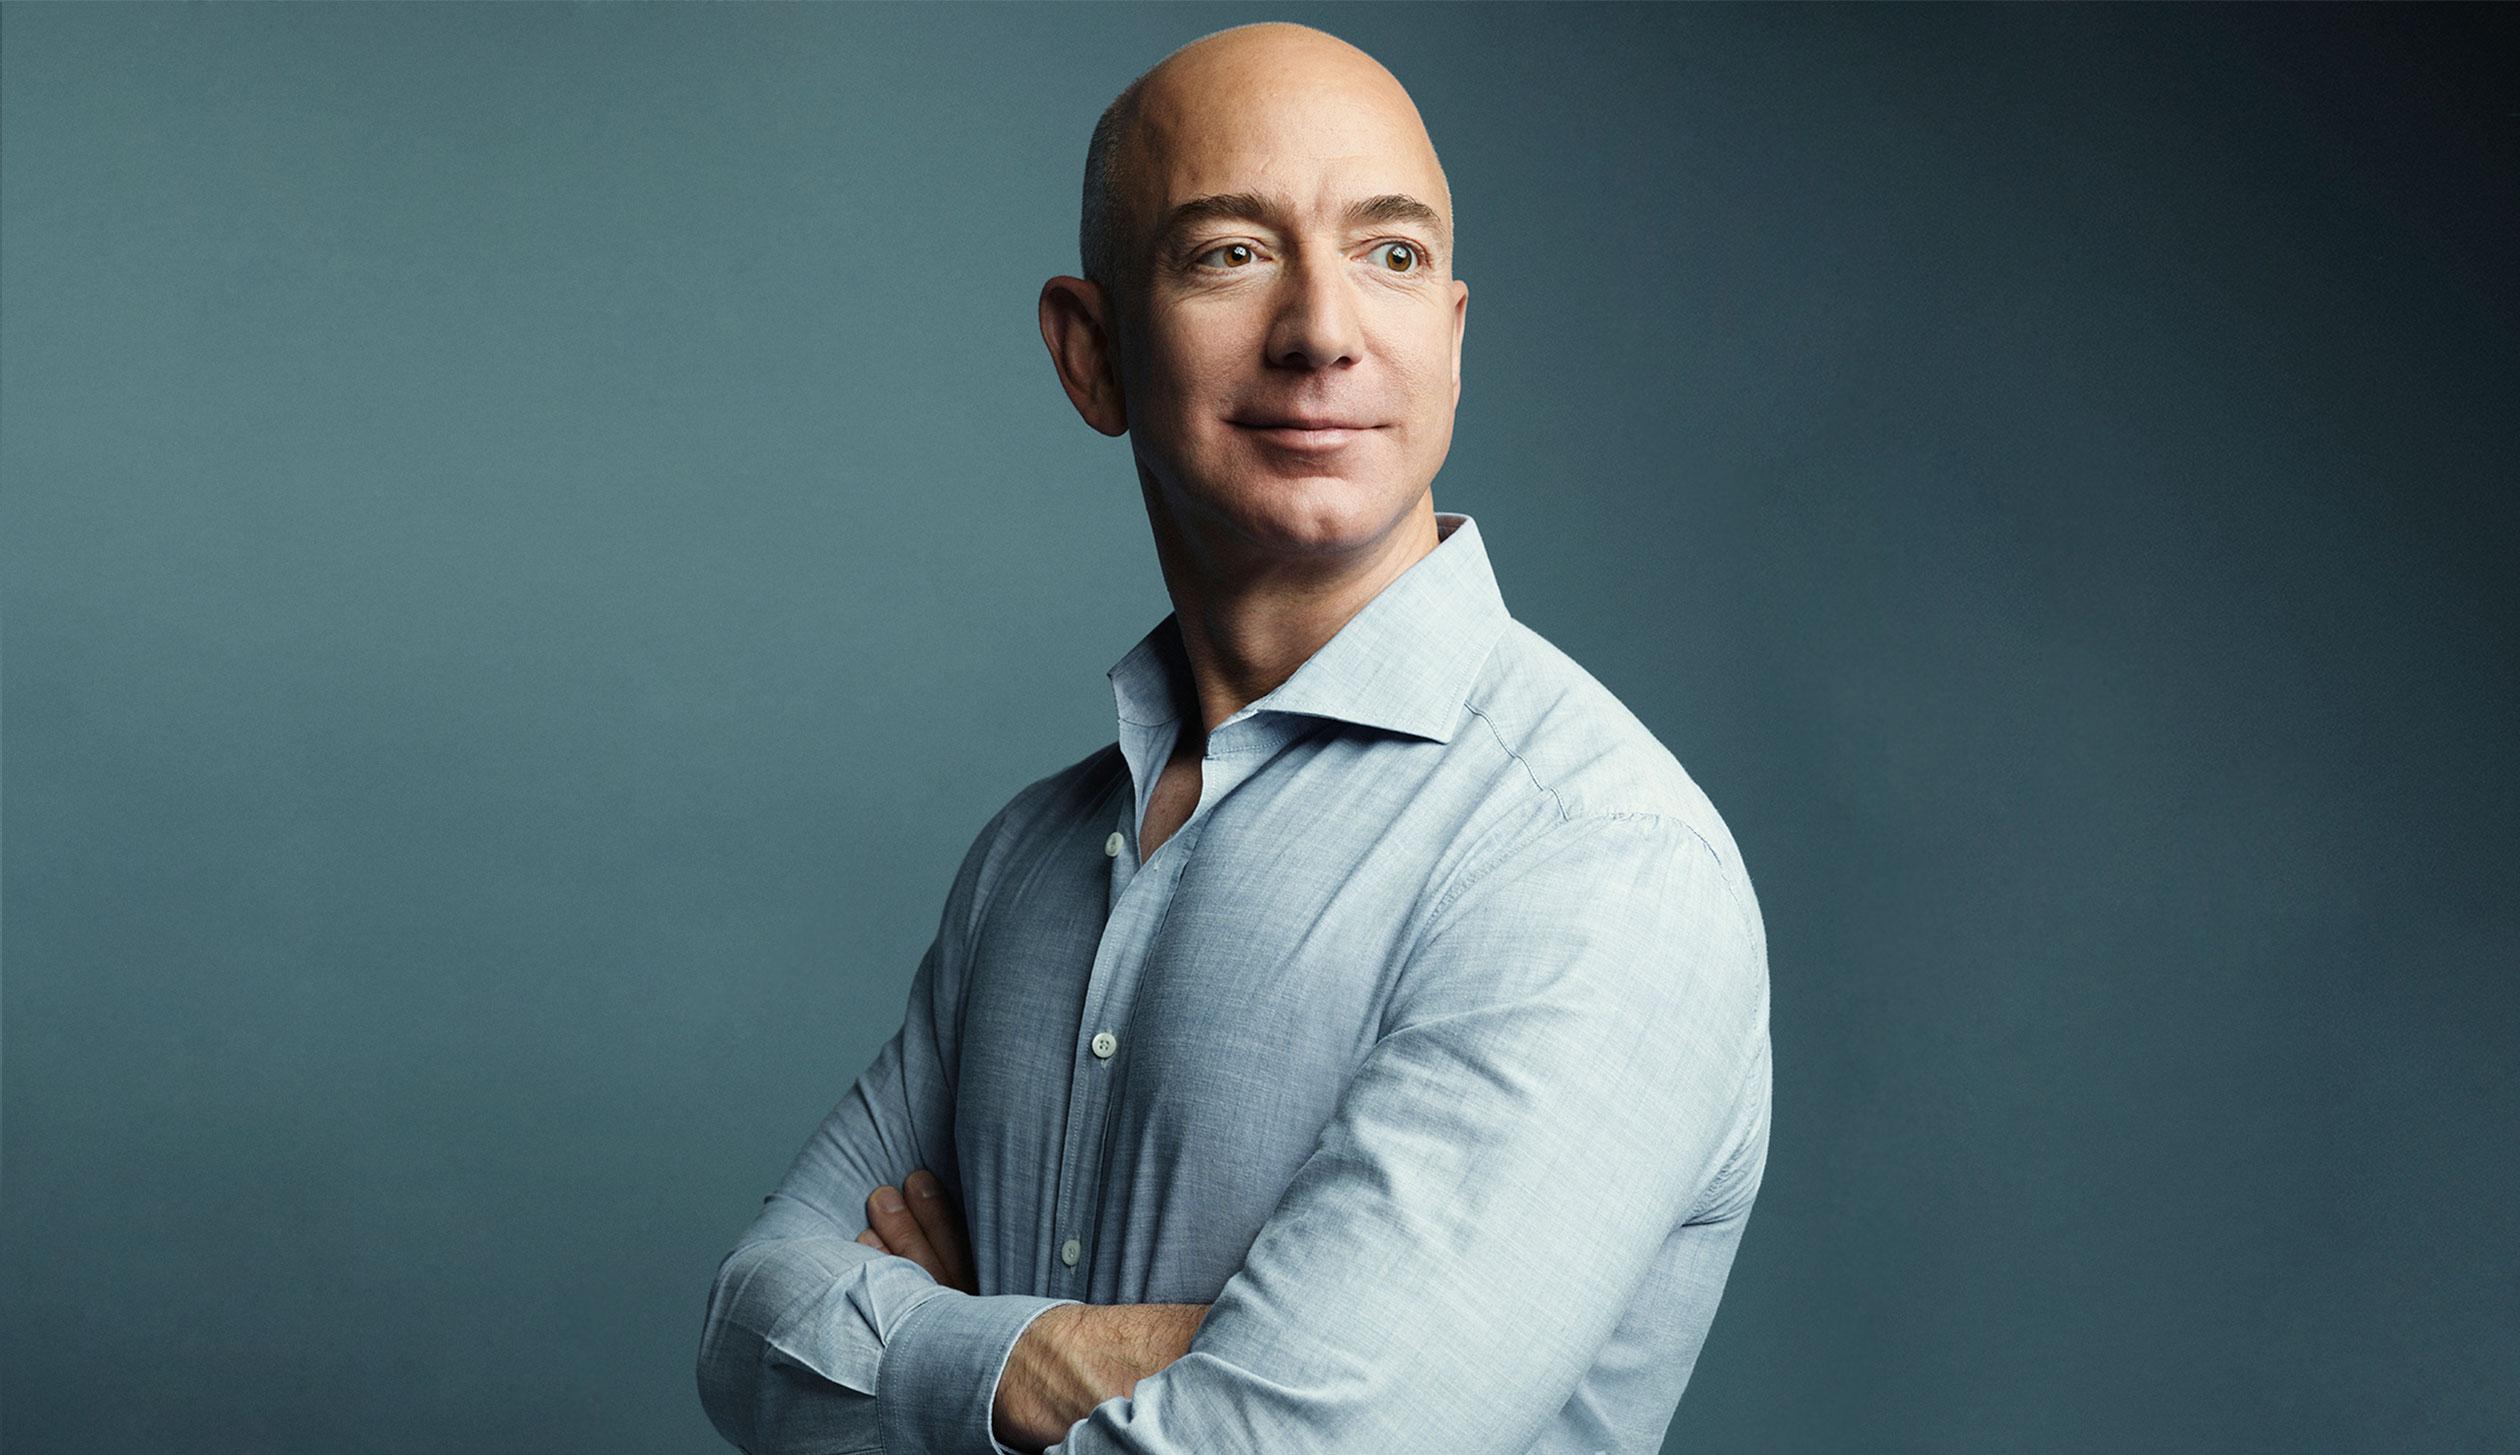 Jeff Bezos: Zakladatel Amazonu a nejbohatší knihovník na světě